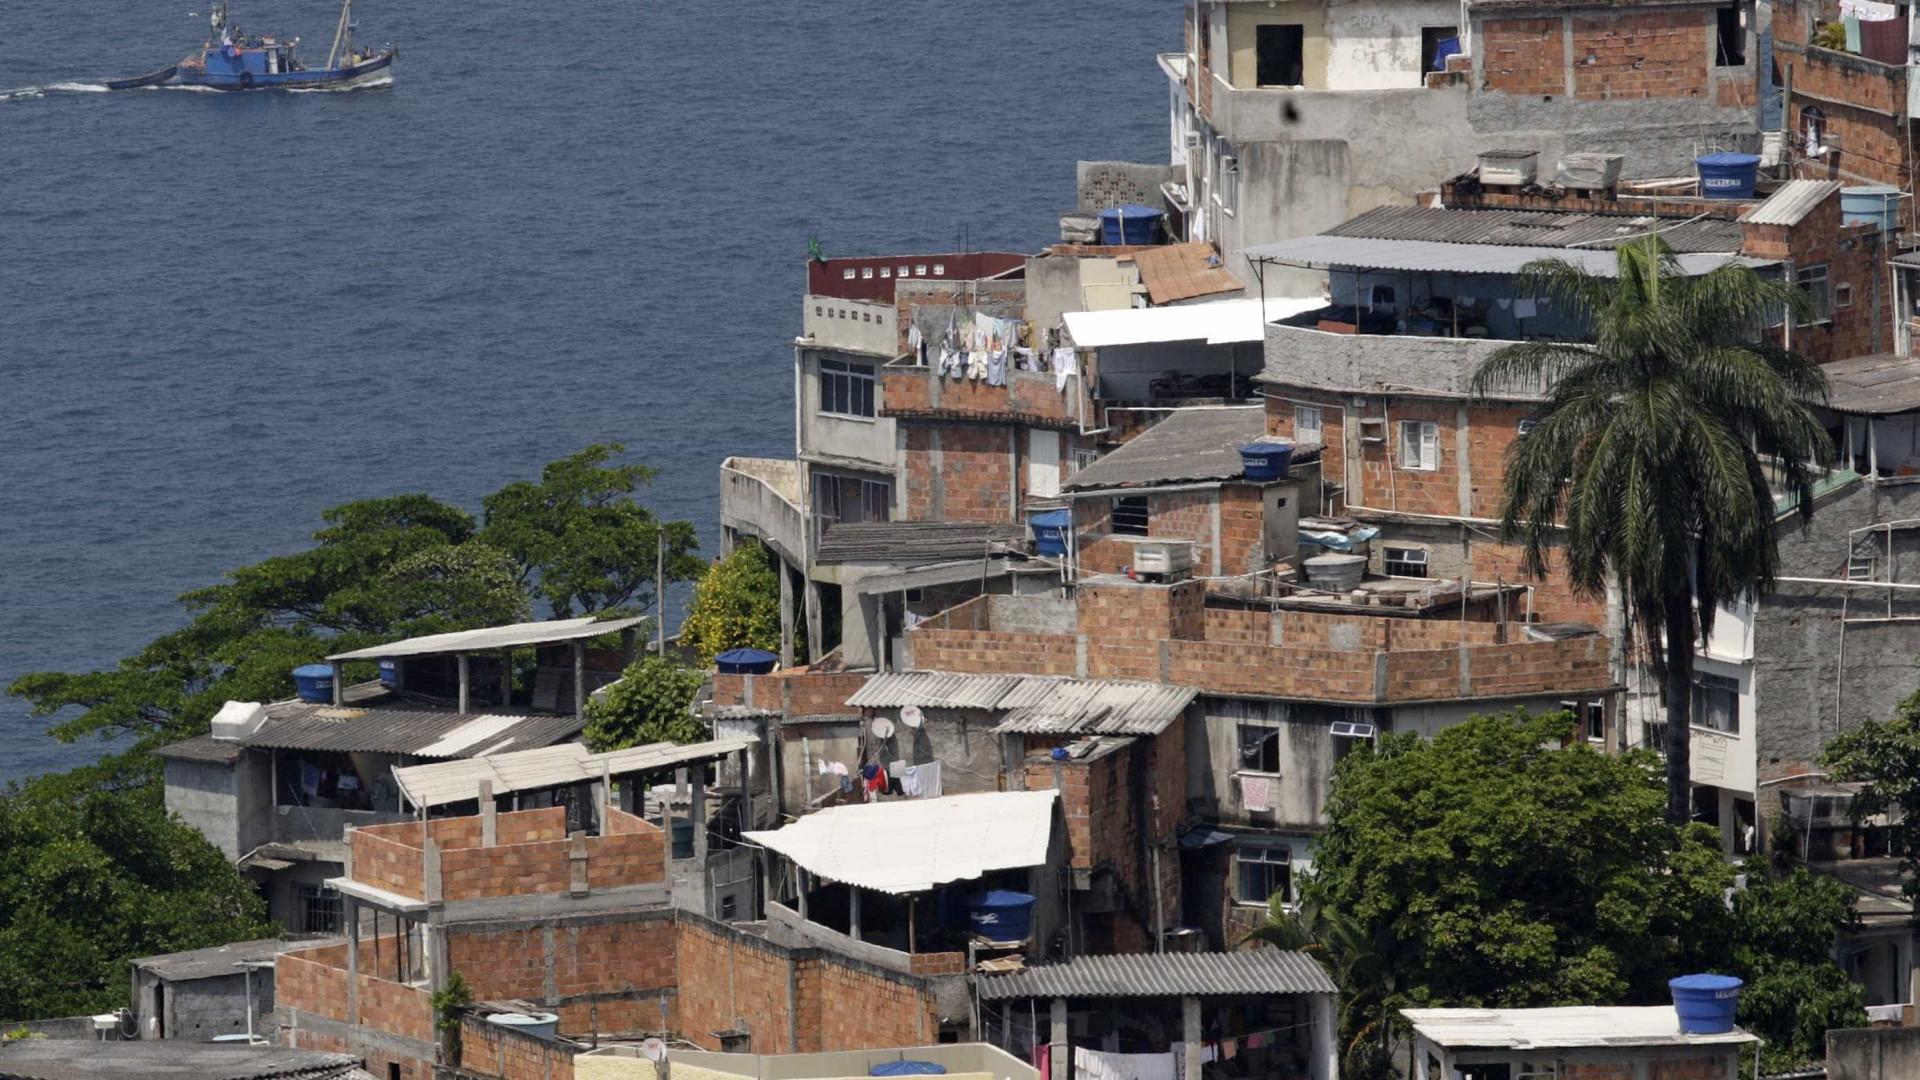 Brasil: 6 super-ricos têm renda equivalente a de 100 milhões de pobres